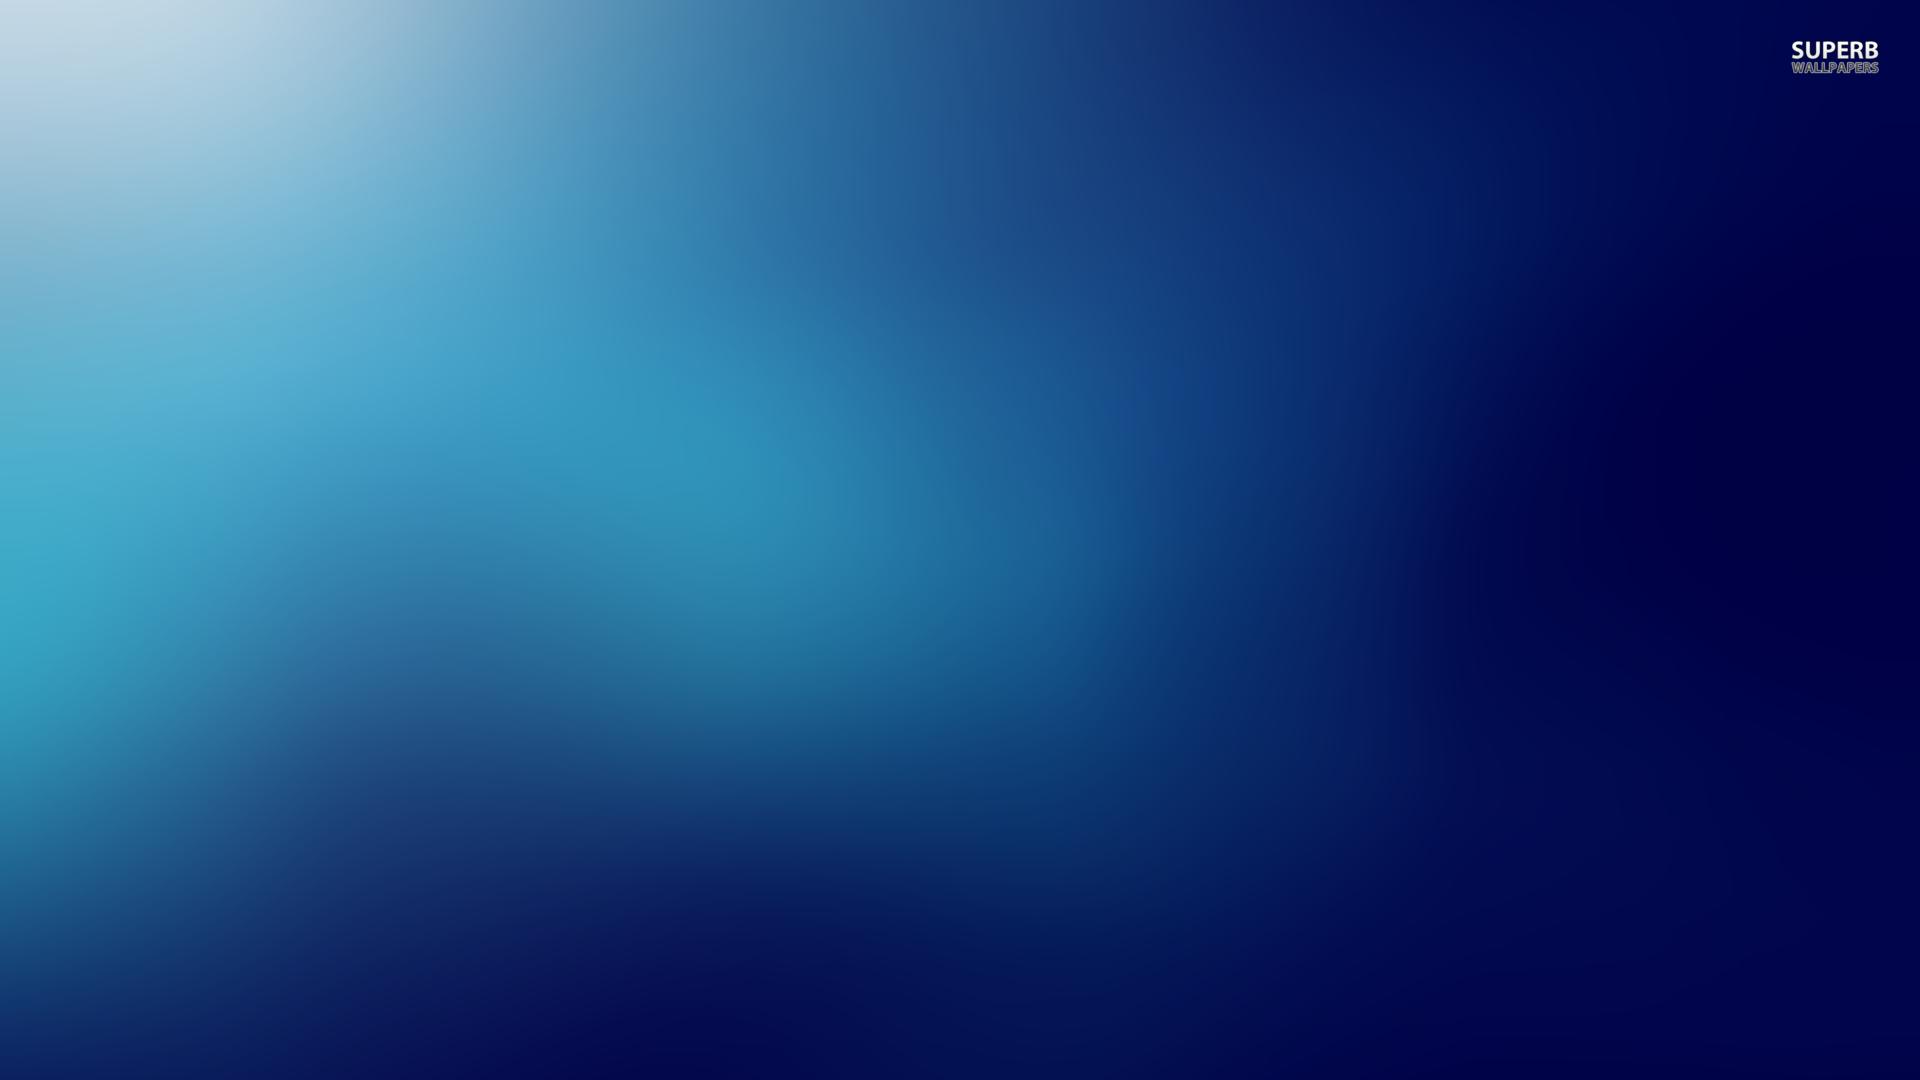 Blue Blur Wallpaper